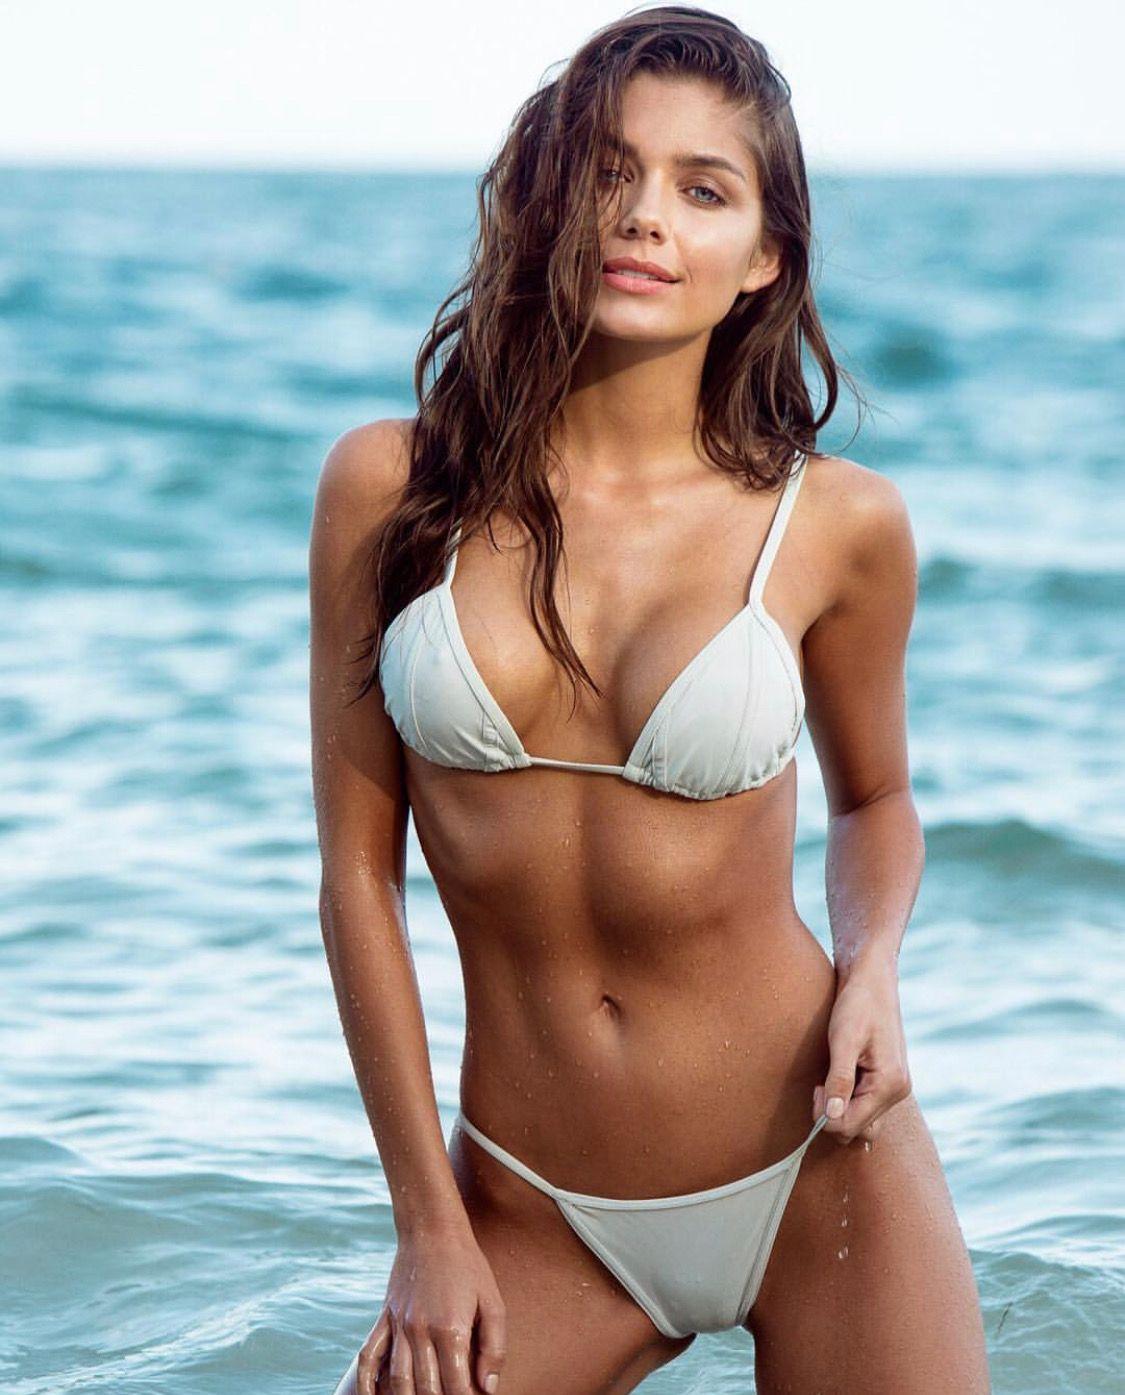 SHAMND Bikini Girls 9e5f1b581